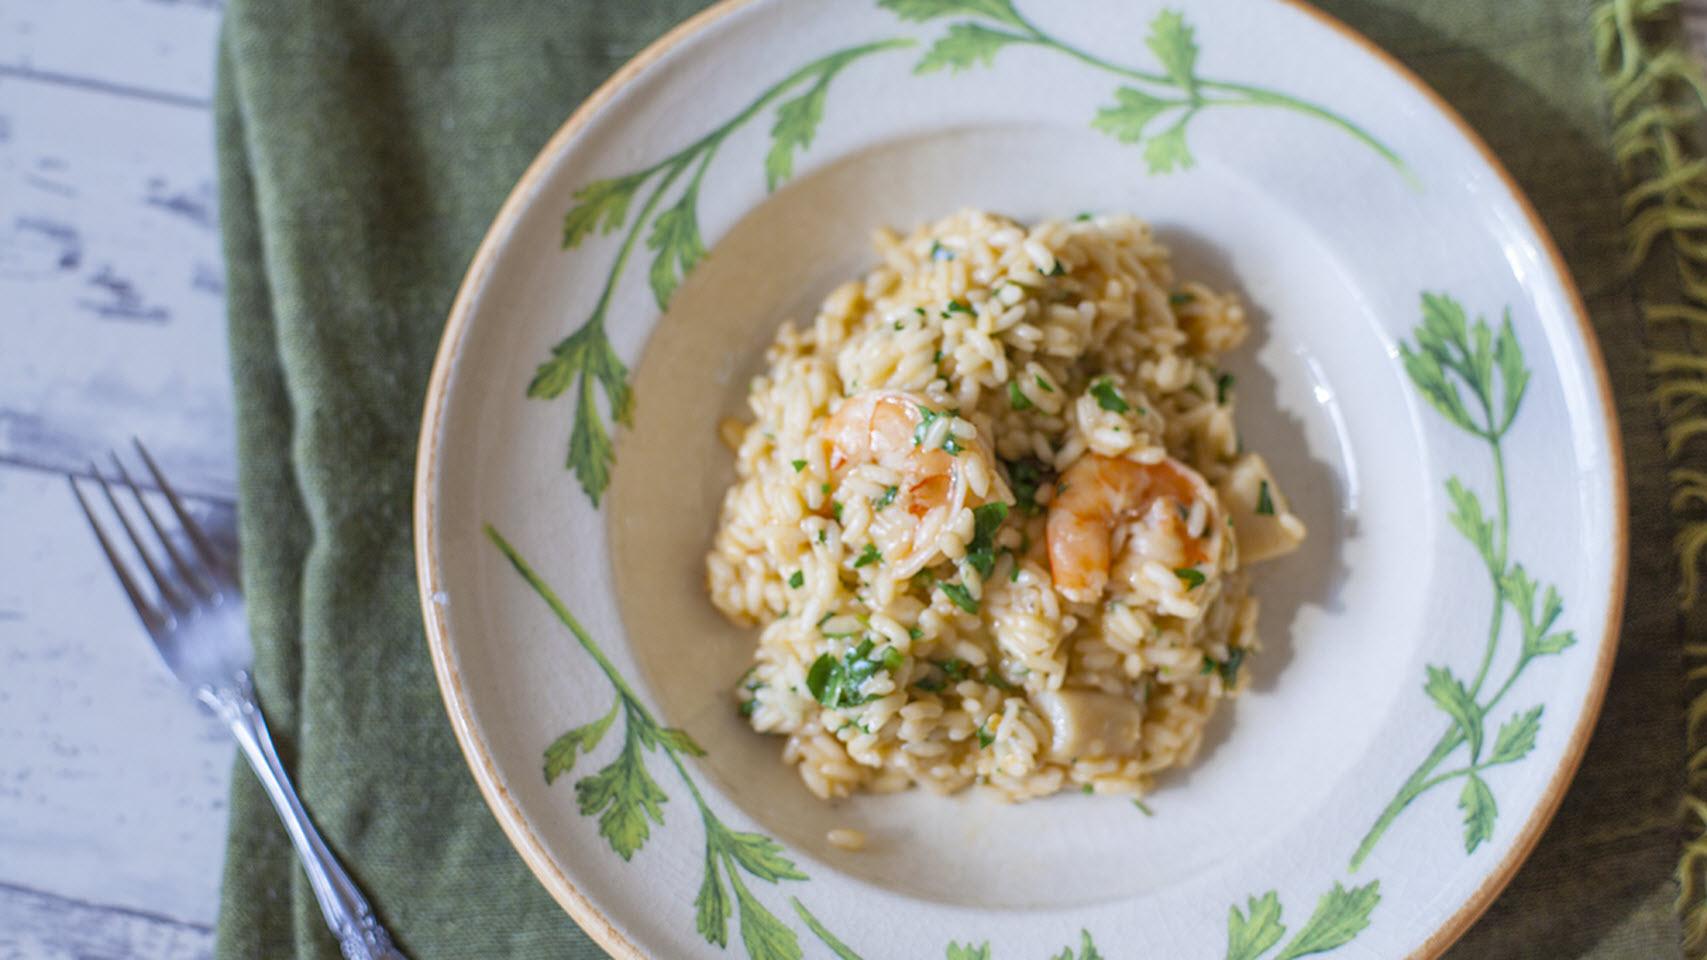 Italian Shrimp and Scallop Risotto